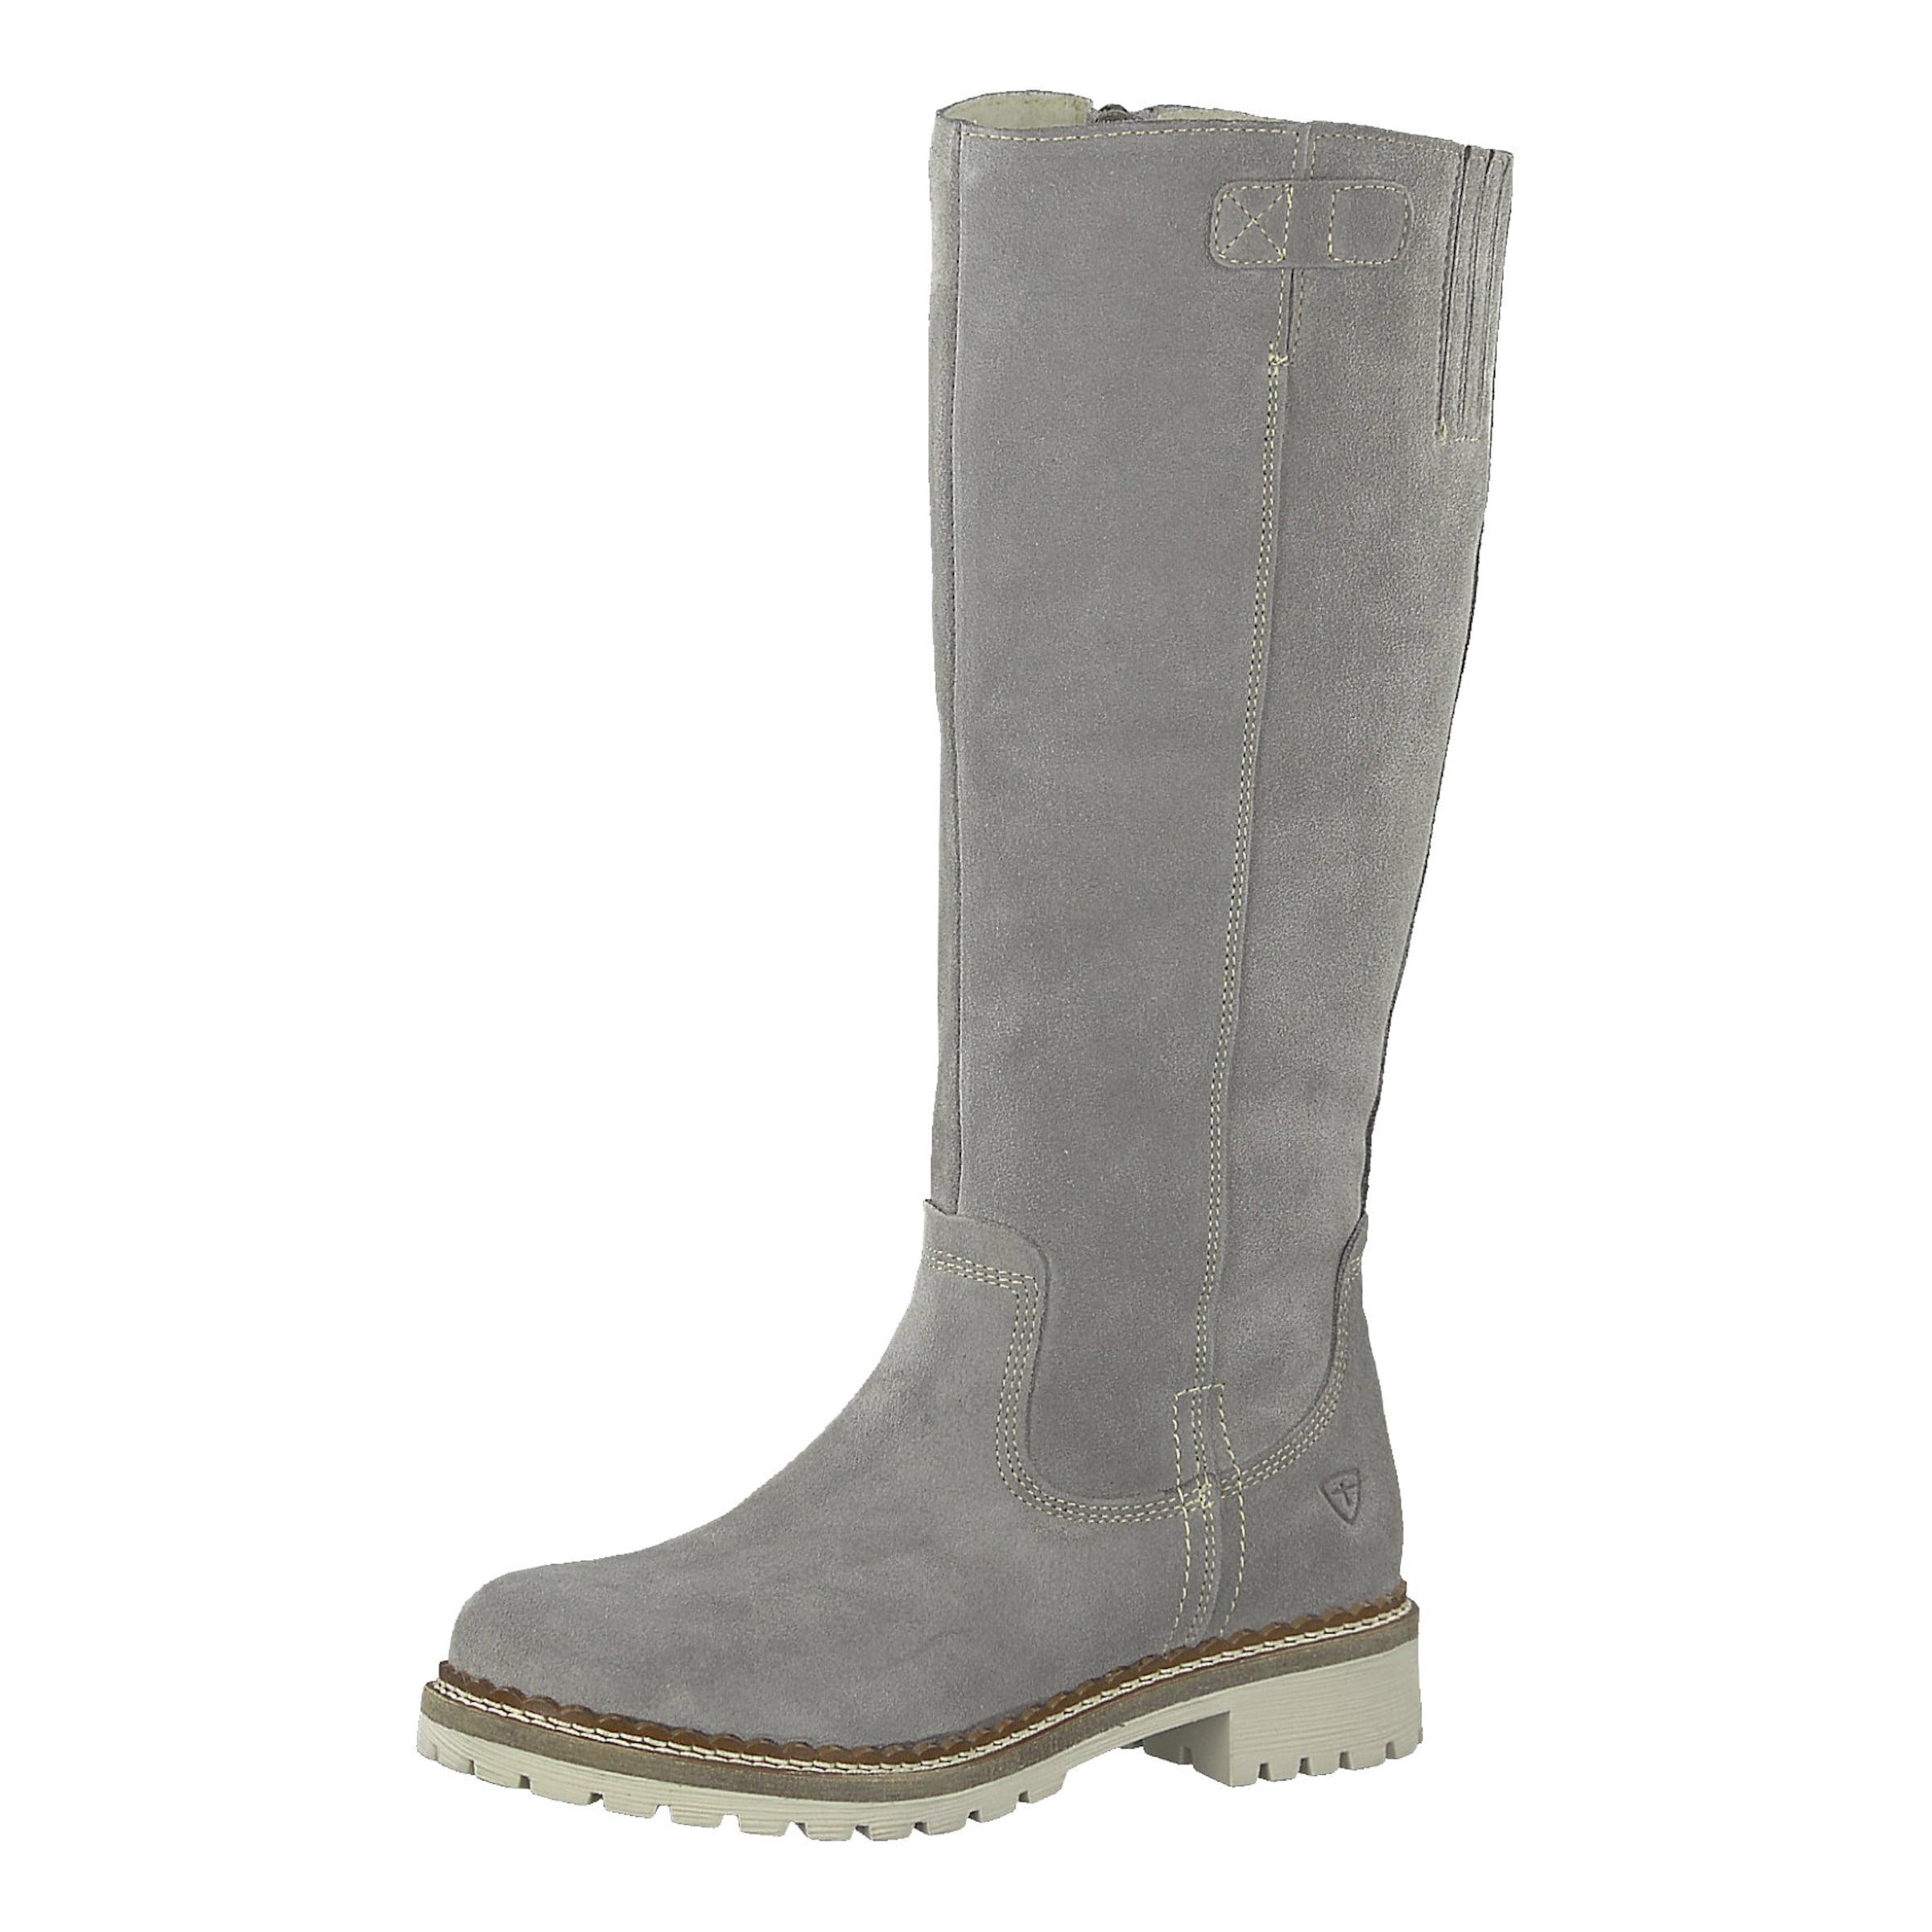 Günstig Kaufen Gut Verkaufen Verkauf Echten TAMARIS Stiefel Steckdose Reihenfolge Komfortabel Günstiger Preis jPCSJ2320